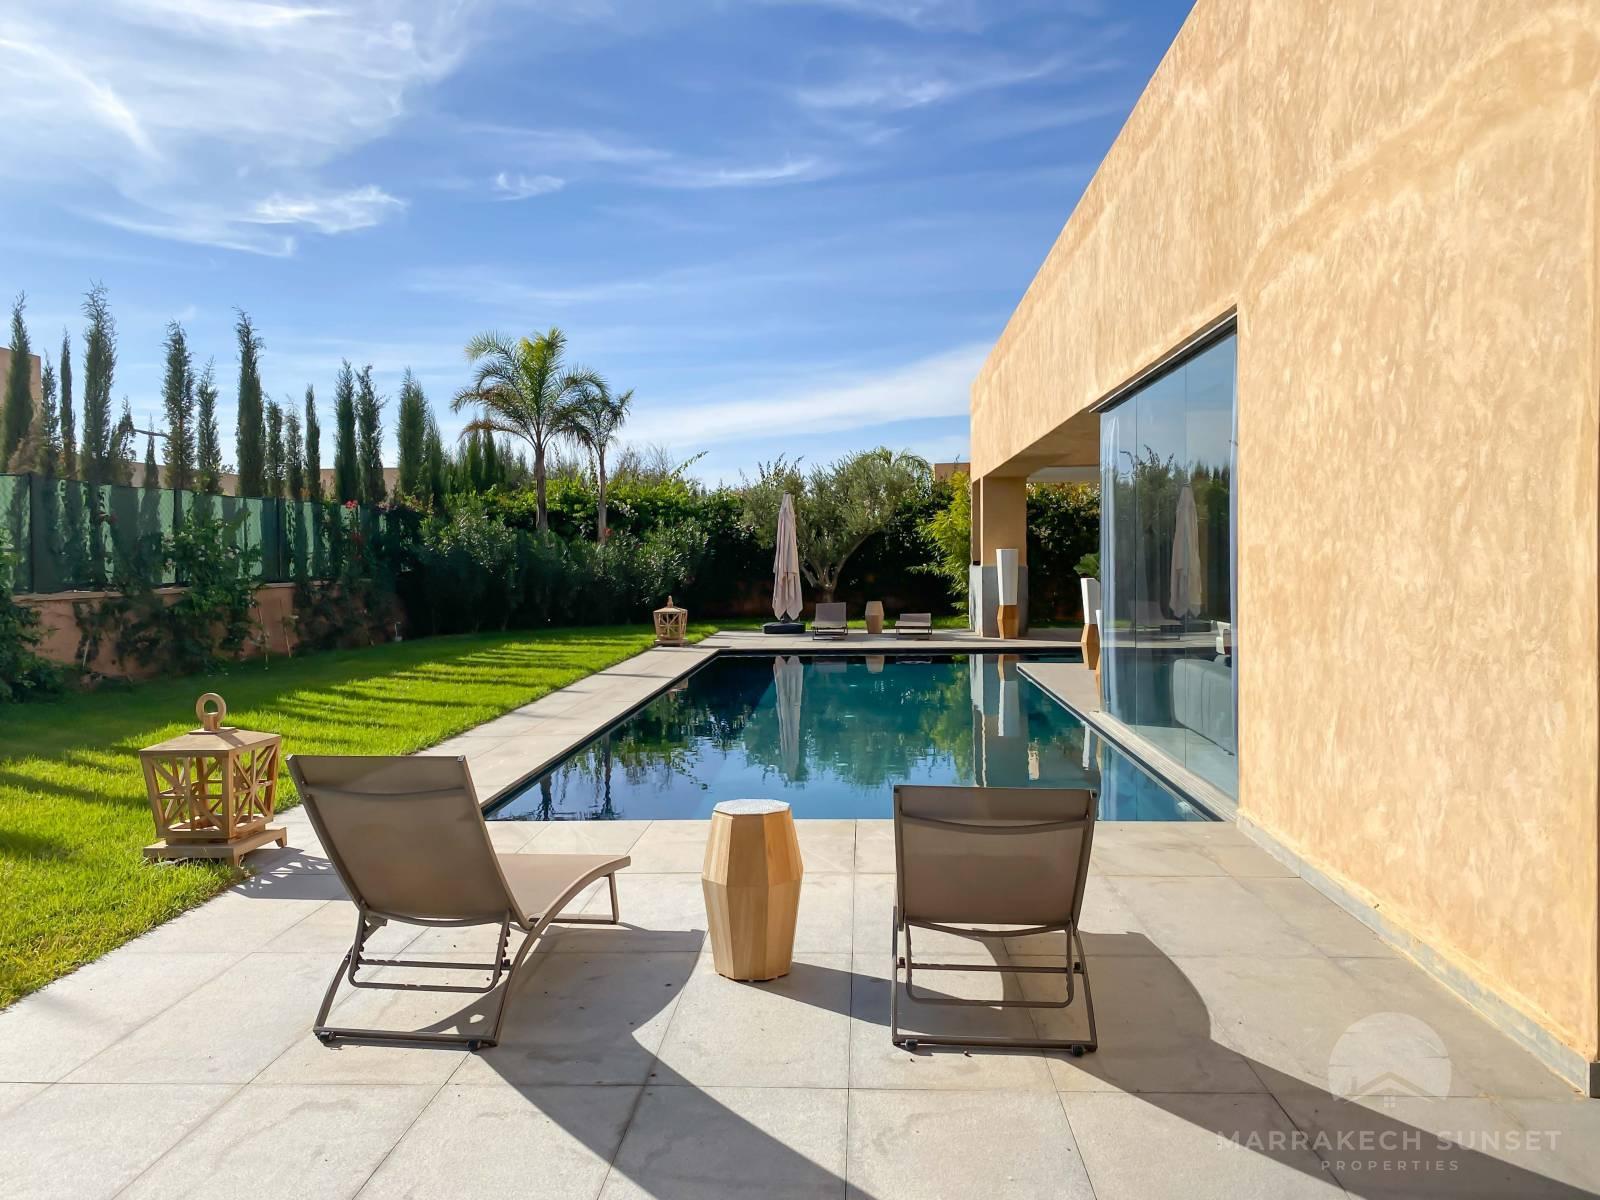 Premium 5 bedroom Luxury villa for sale in a private domain Marrakech